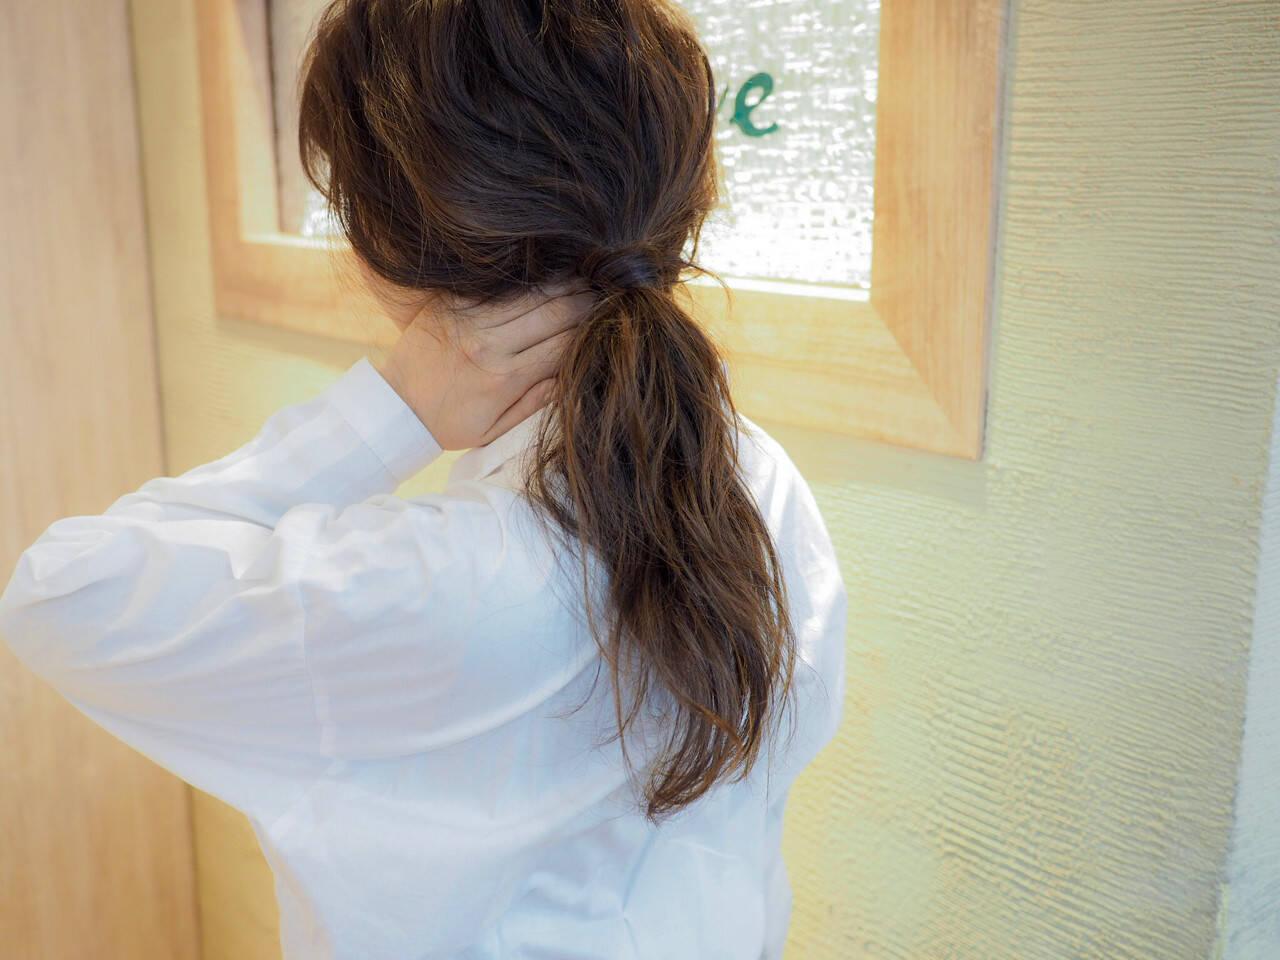 ナチュラル ウェーブ ポニーテール ヘアアレンジヘアスタイルや髪型の写真・画像